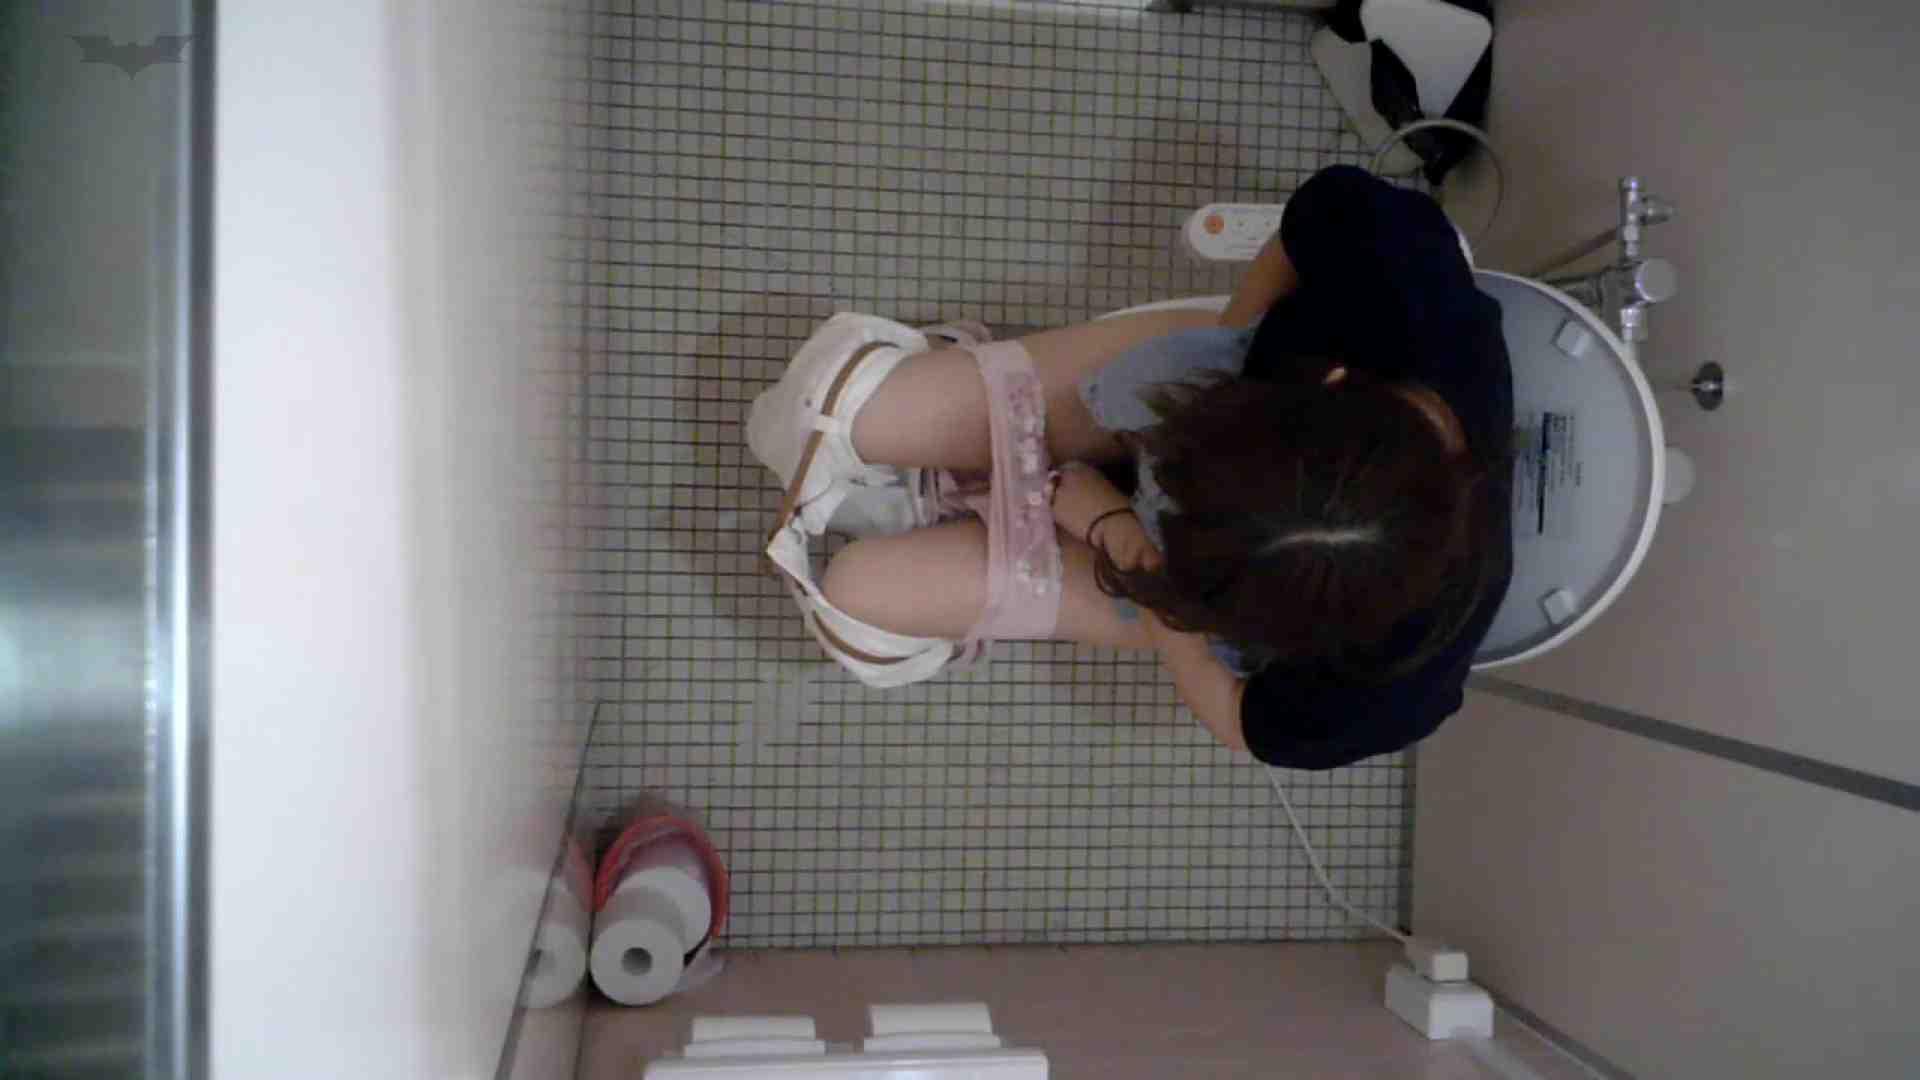 有名大学女性洗面所 vol.50 個室には3つの「目」があるみたいです。 潜入 オメコ動画キャプチャ 49画像 45